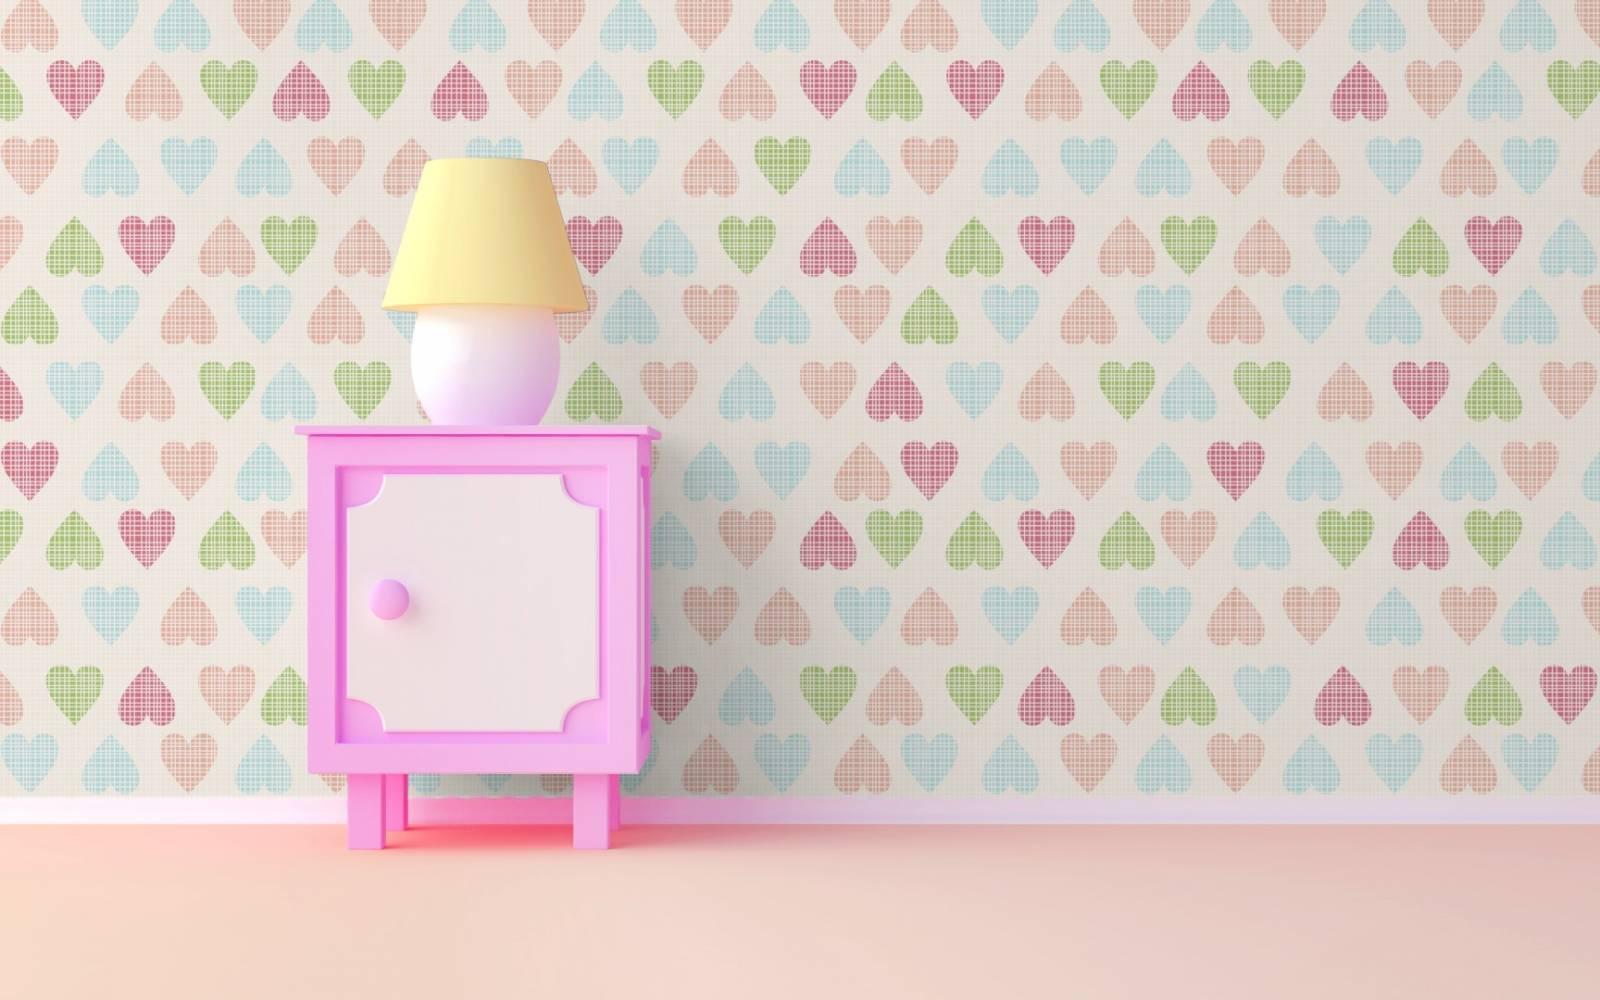 Papel de Parede Adesivo Soft Hearts /Rolo imagem 2